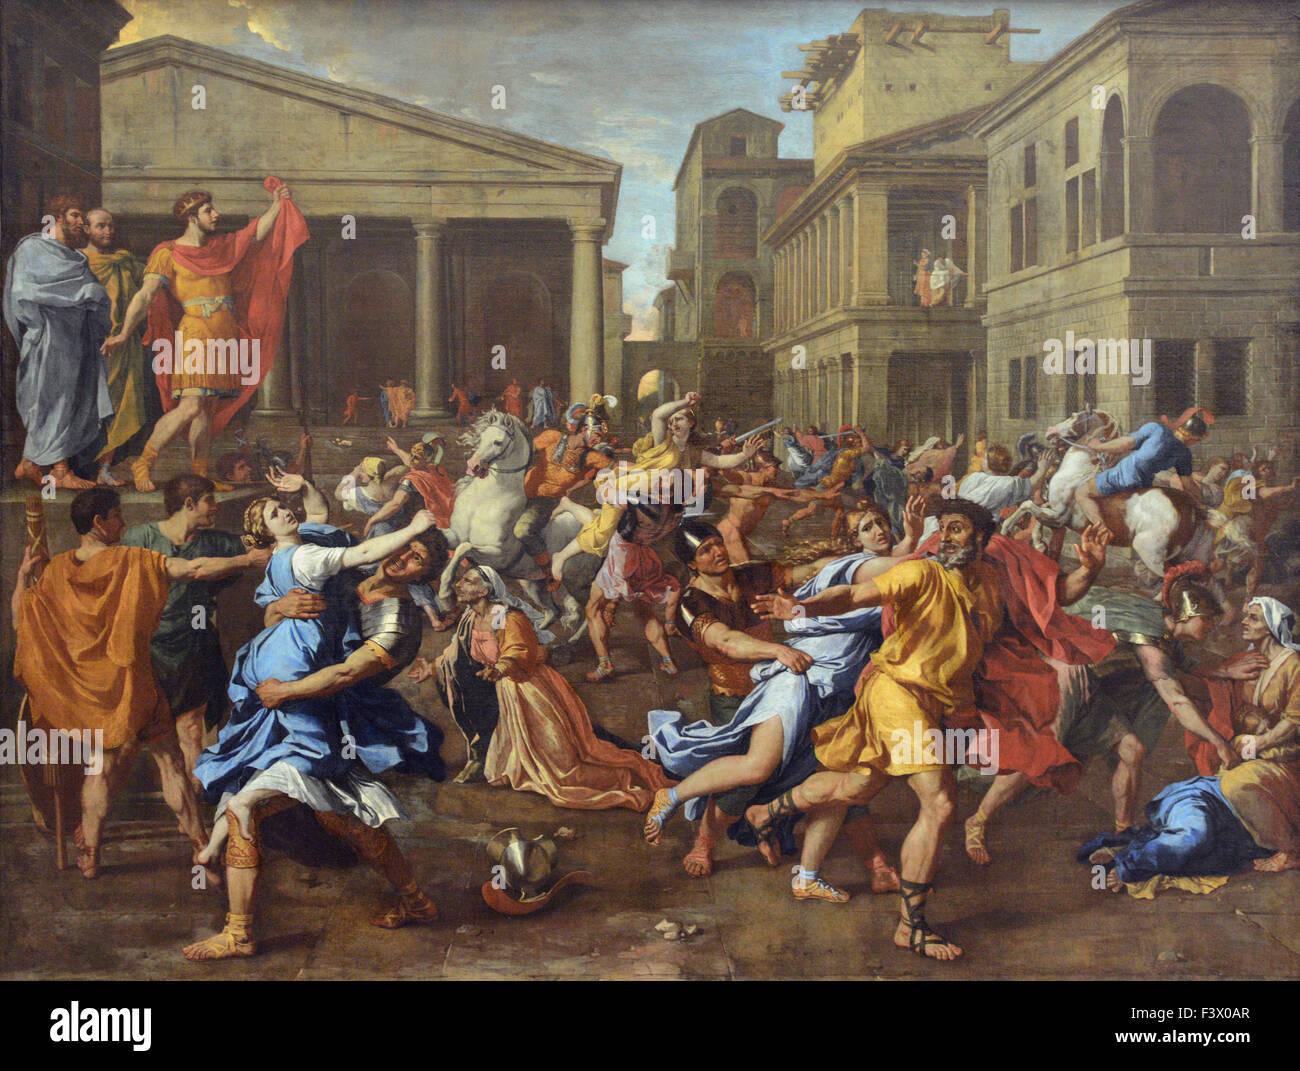 Top Nicolas Poussin - L'Enlevement des Sabines - Louvre Museum Paris  RQ01